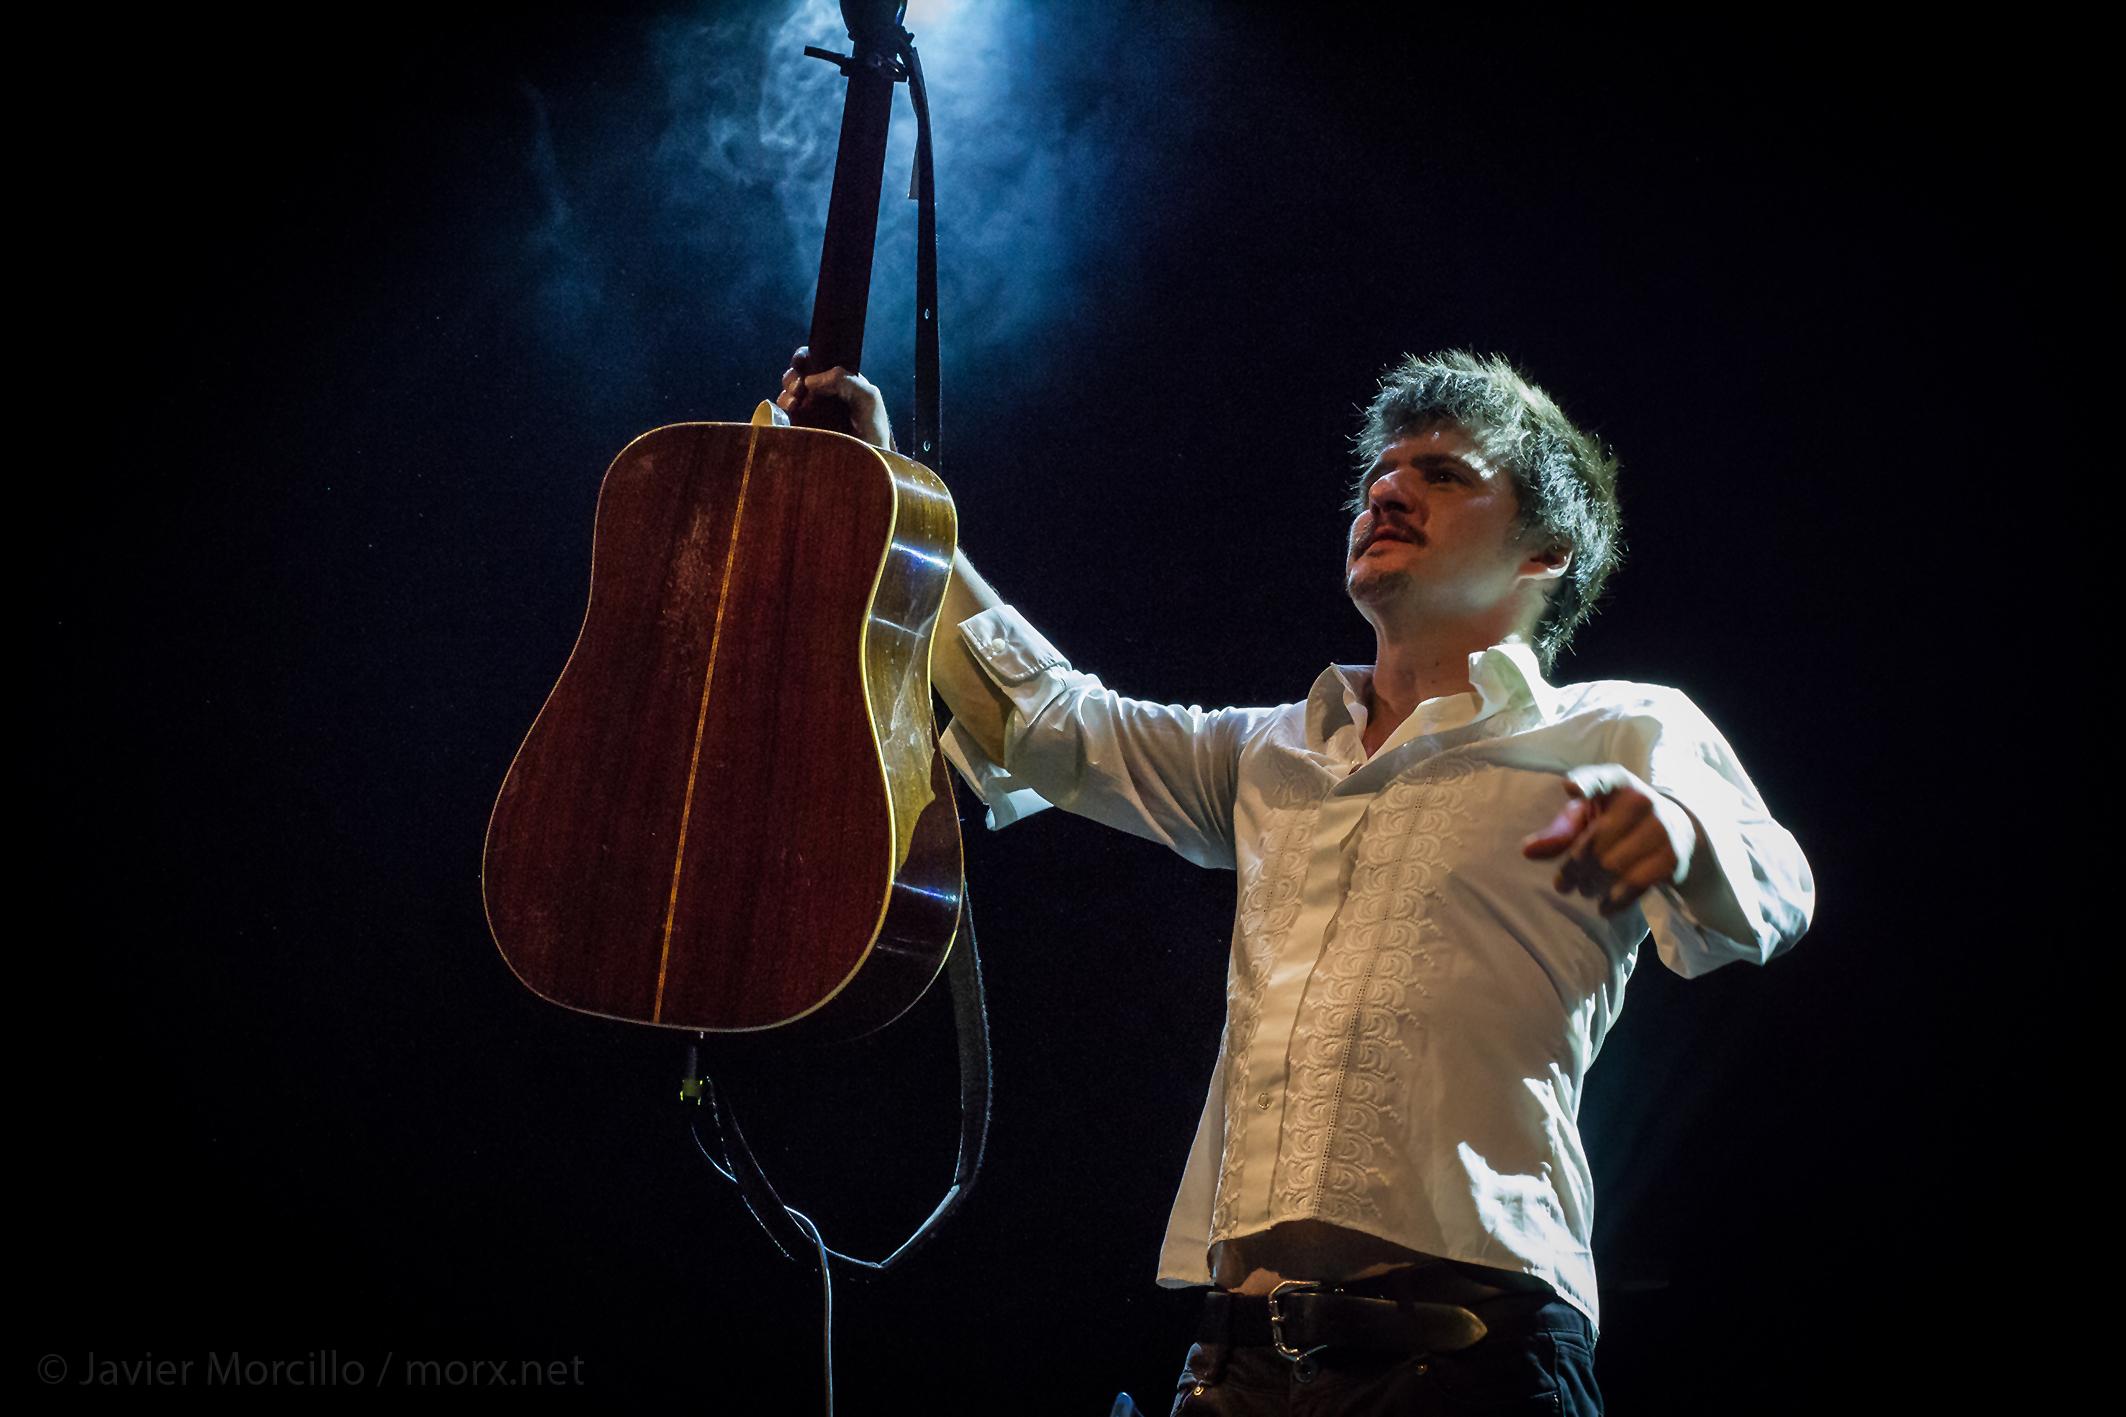 Coque Malla en el Teatro Apolo de Almería